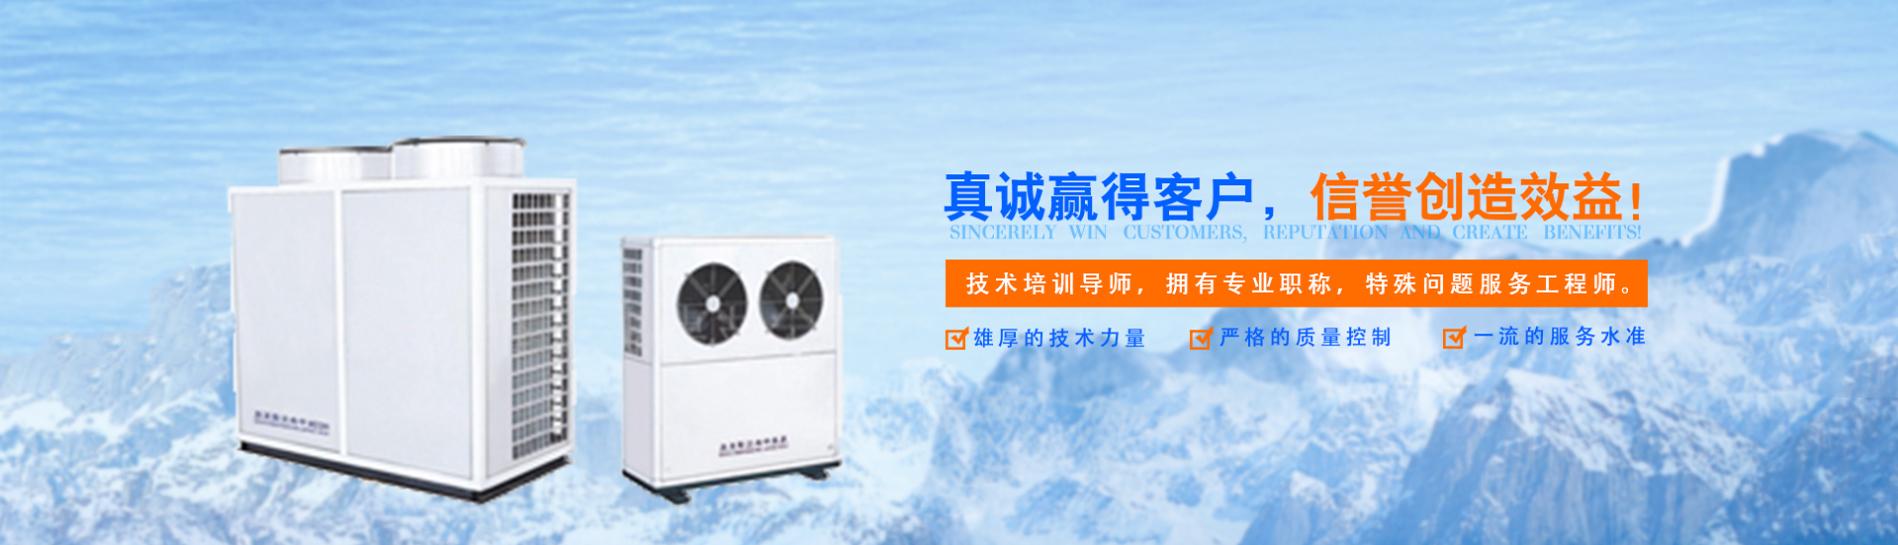 北京空调移机公司